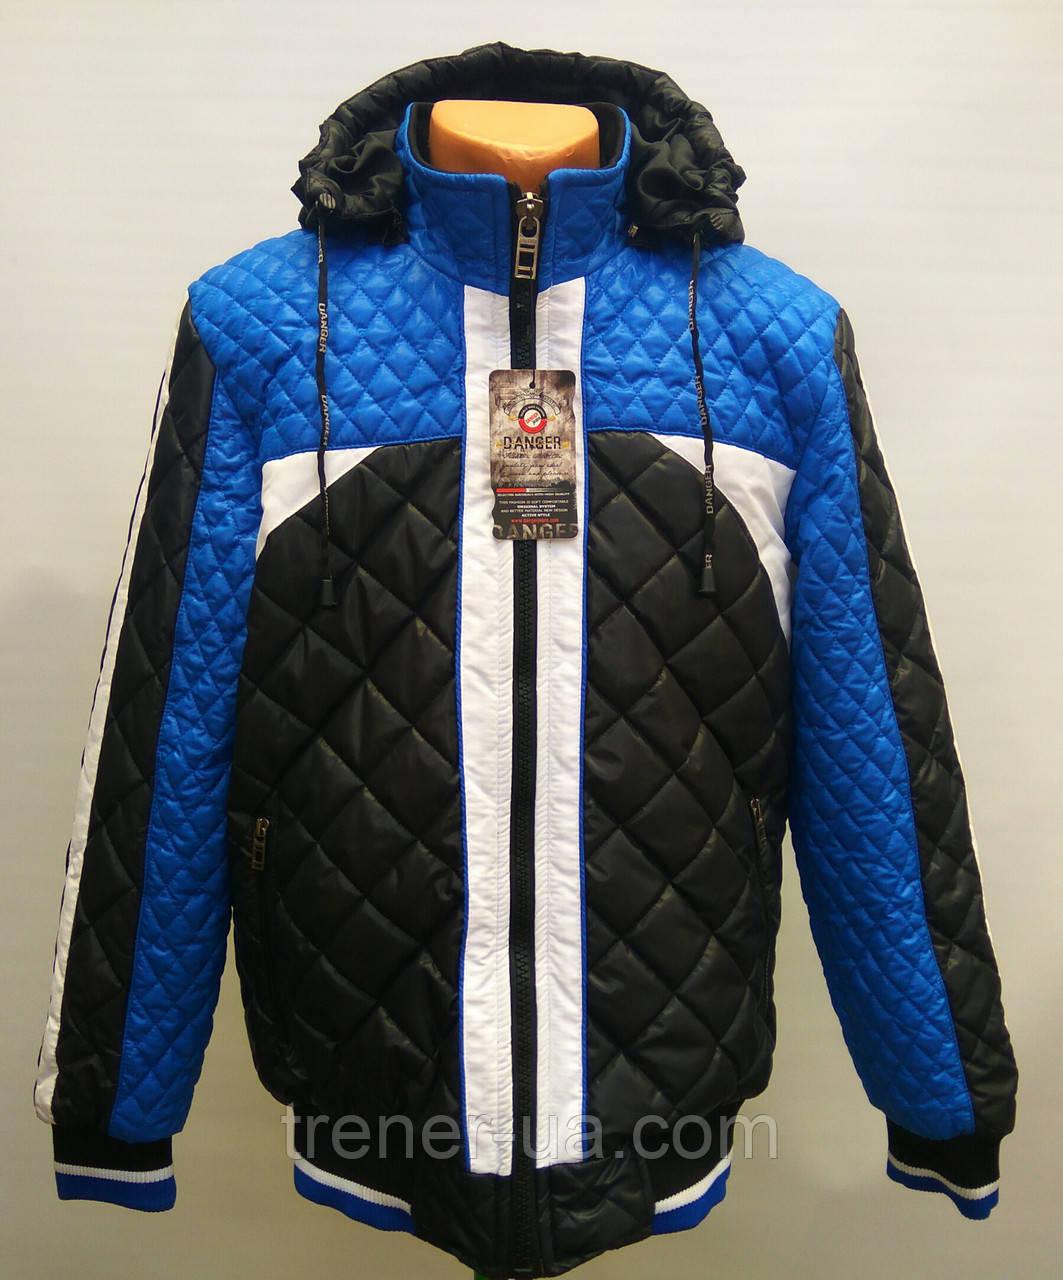 7b15d69e681 Куртка мужская Danger еврозима черно-сине-белая - Интернет магазин  футбольной атрибутики и аксессуаров